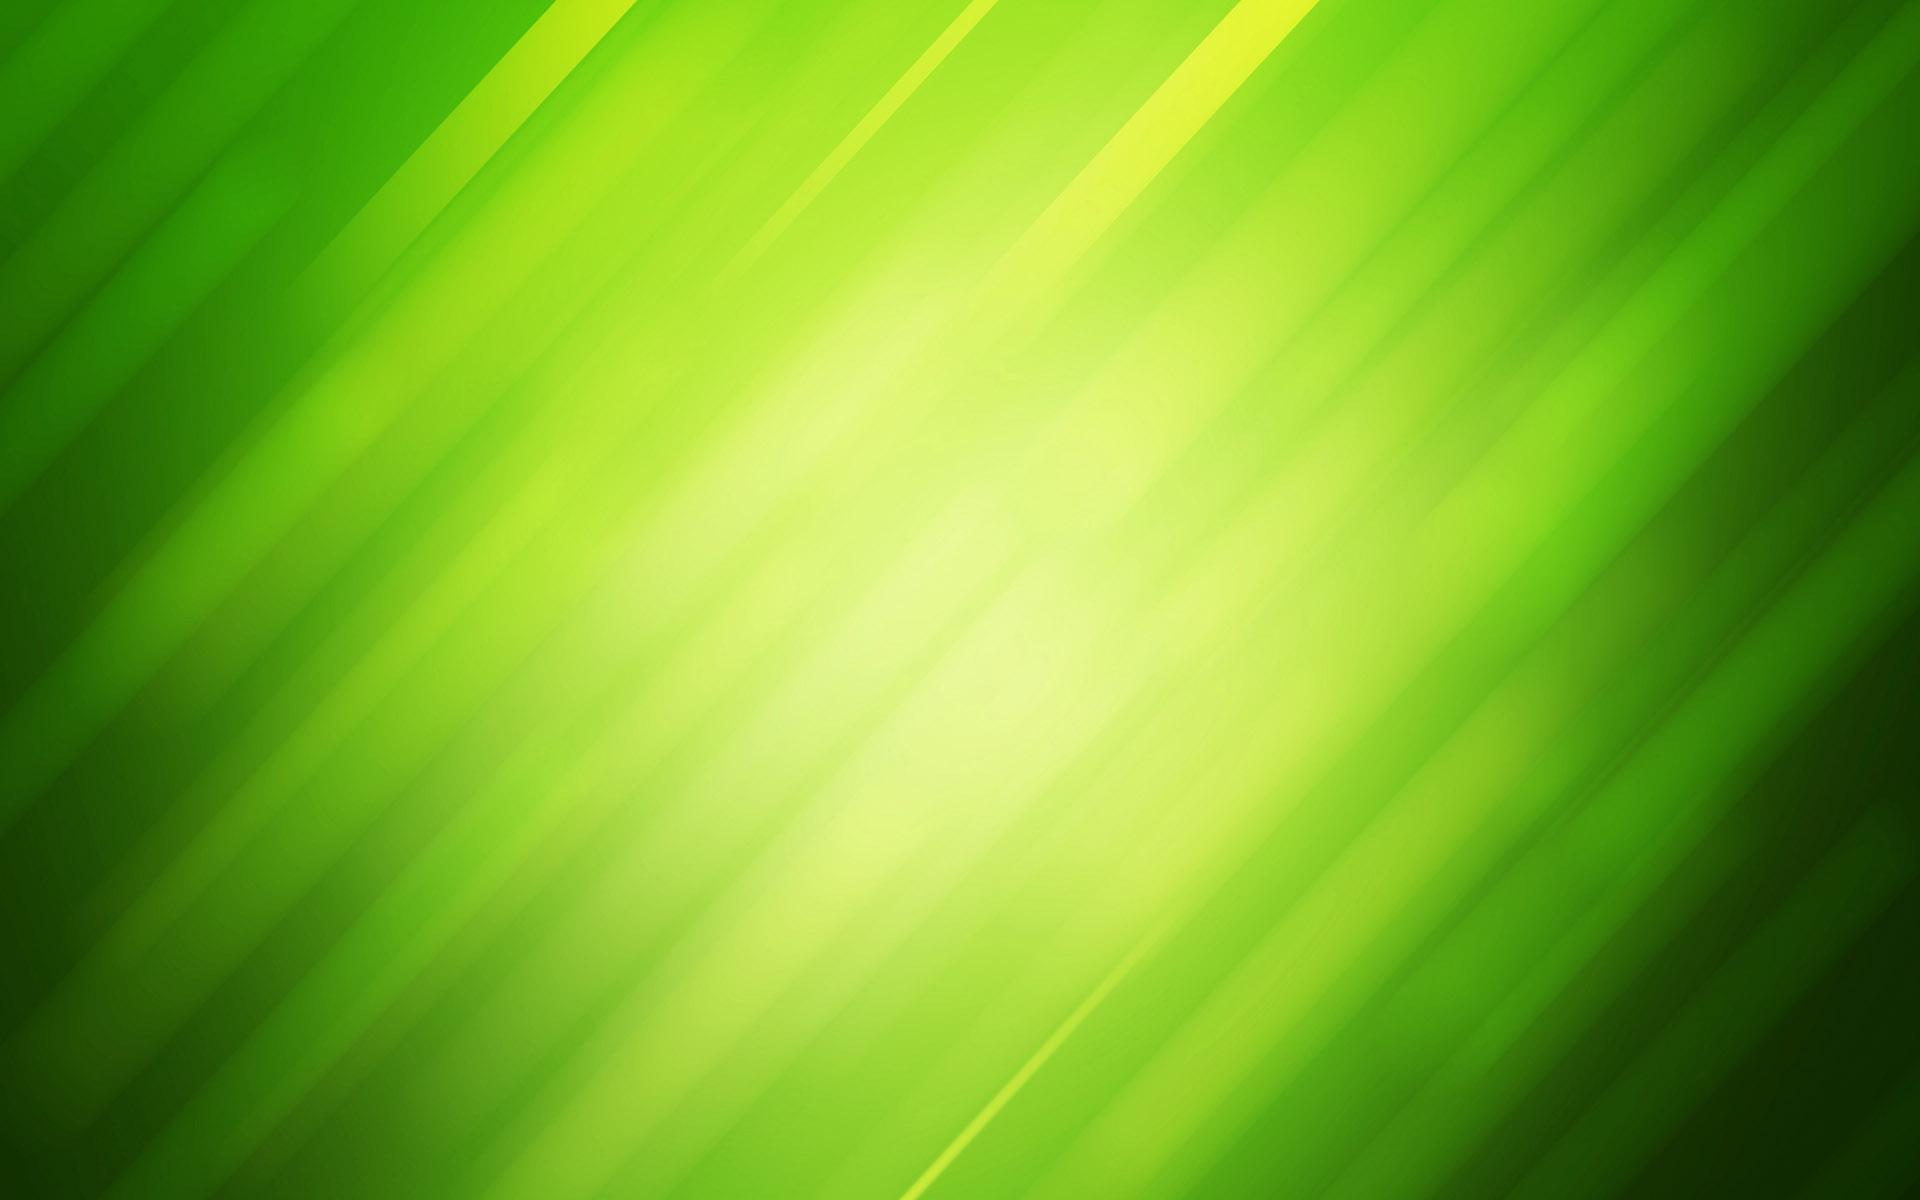 background wallpaper green light 1920x1200 1920x1200